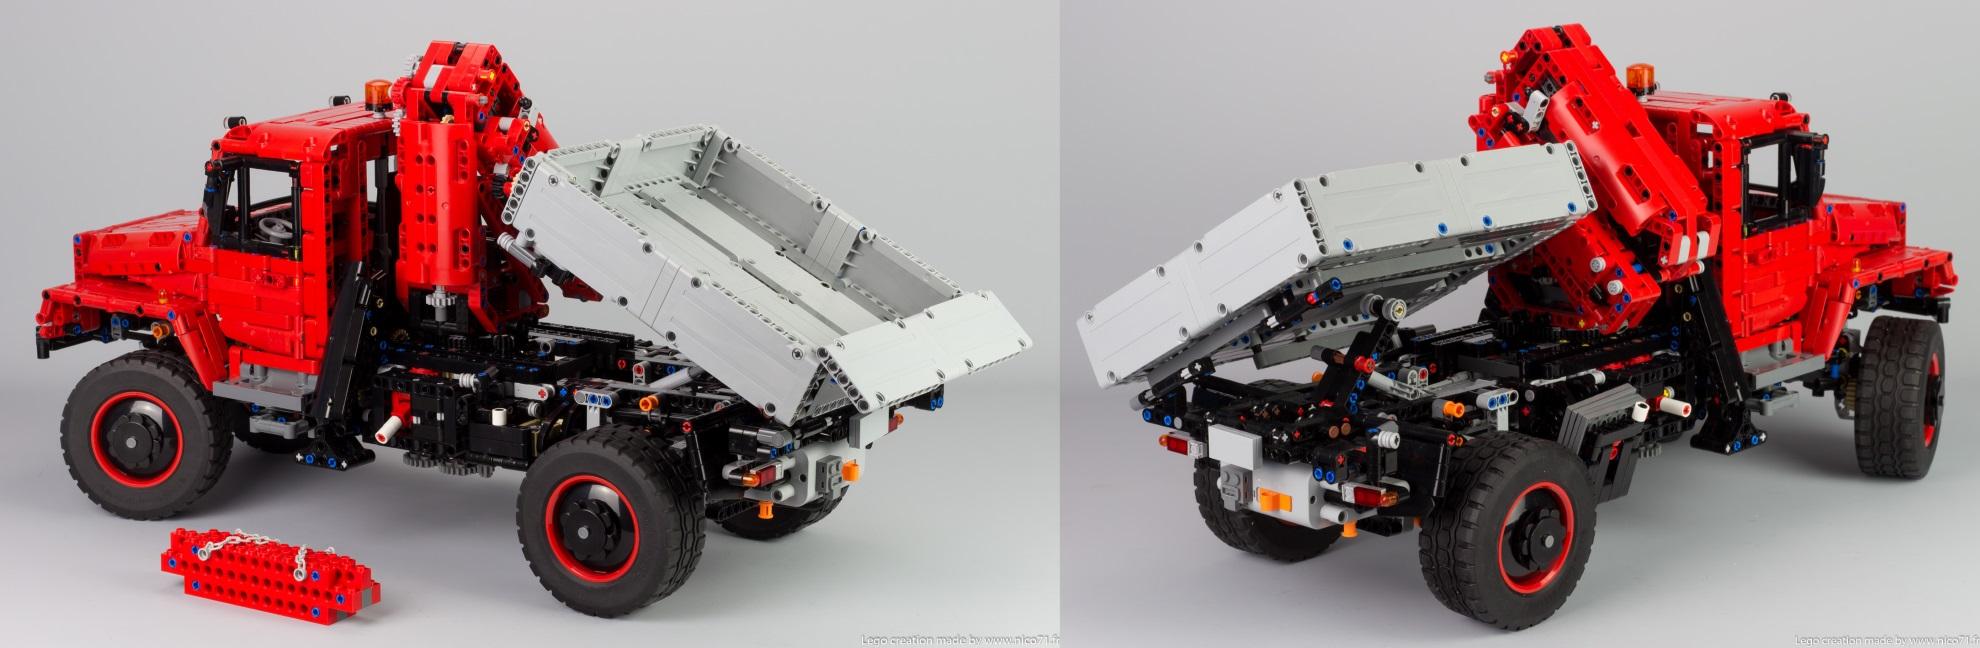 lego-42082-model-E-offroad-truck-10.jpg